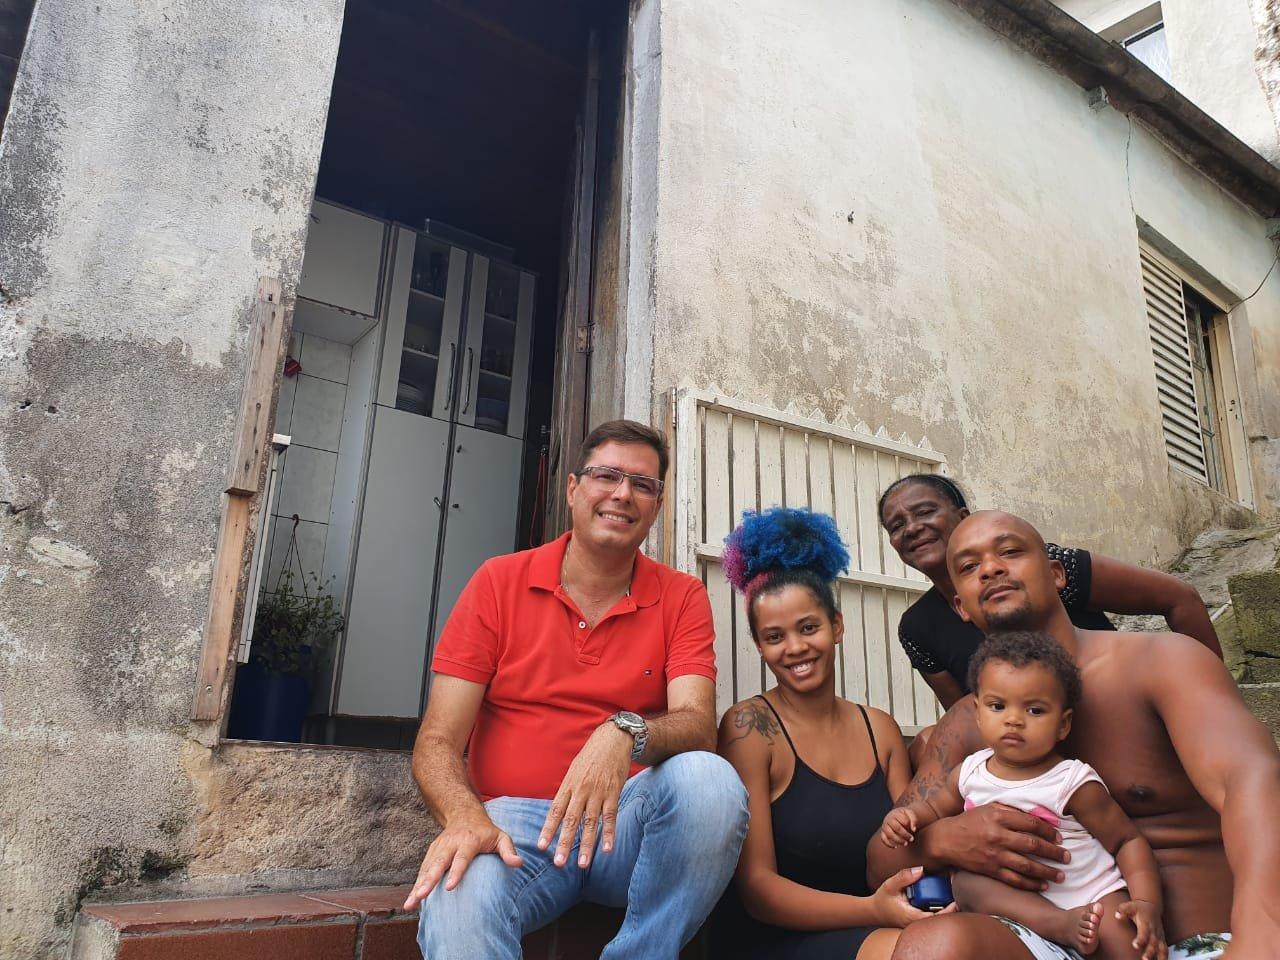 Isobloco: startup desenvolve soluções salubres e sustentáveis para construção civil